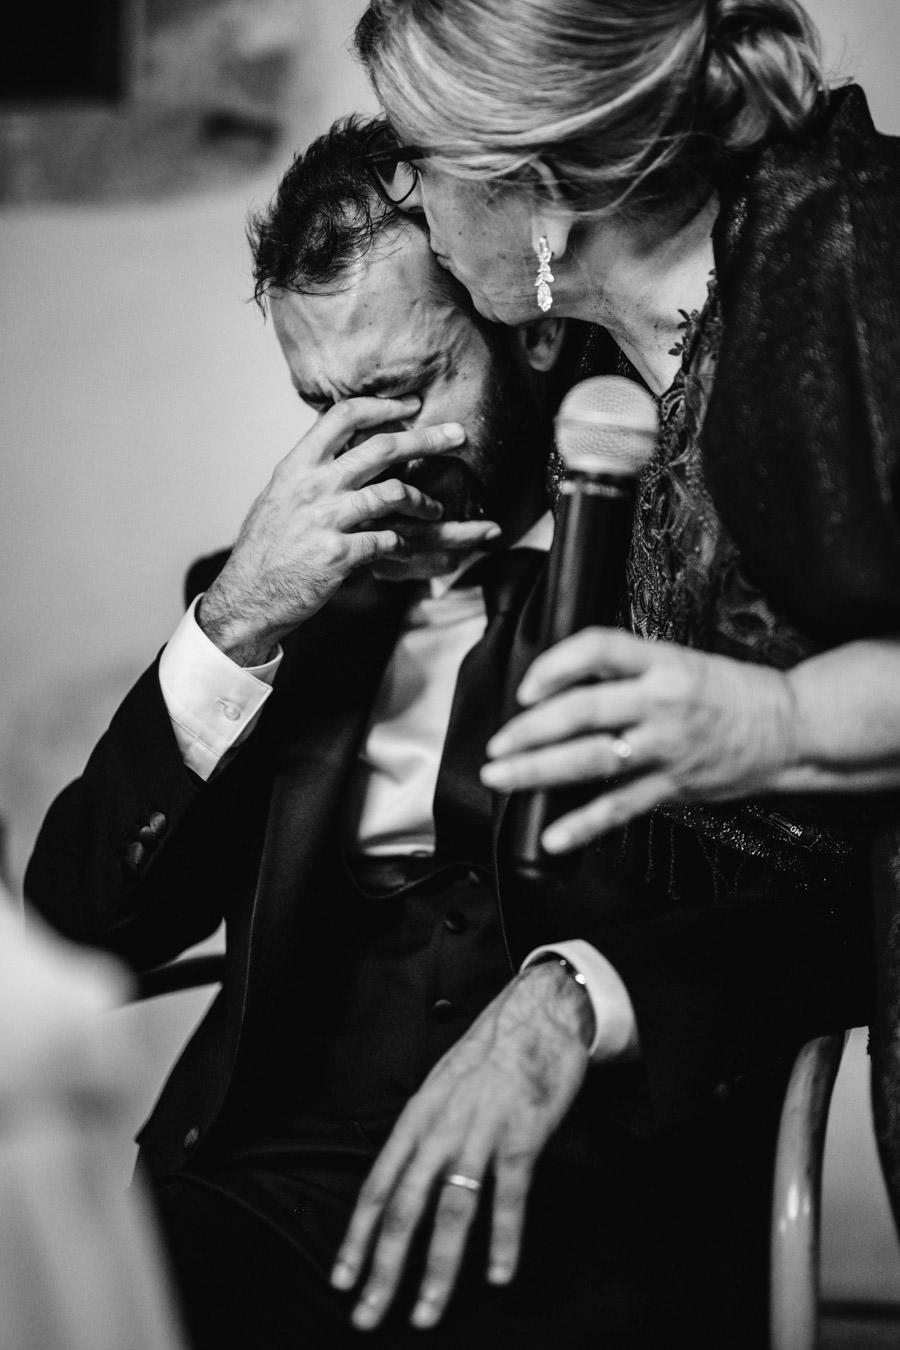 fotografia de casamento amares discurso da mae noivo a chorar